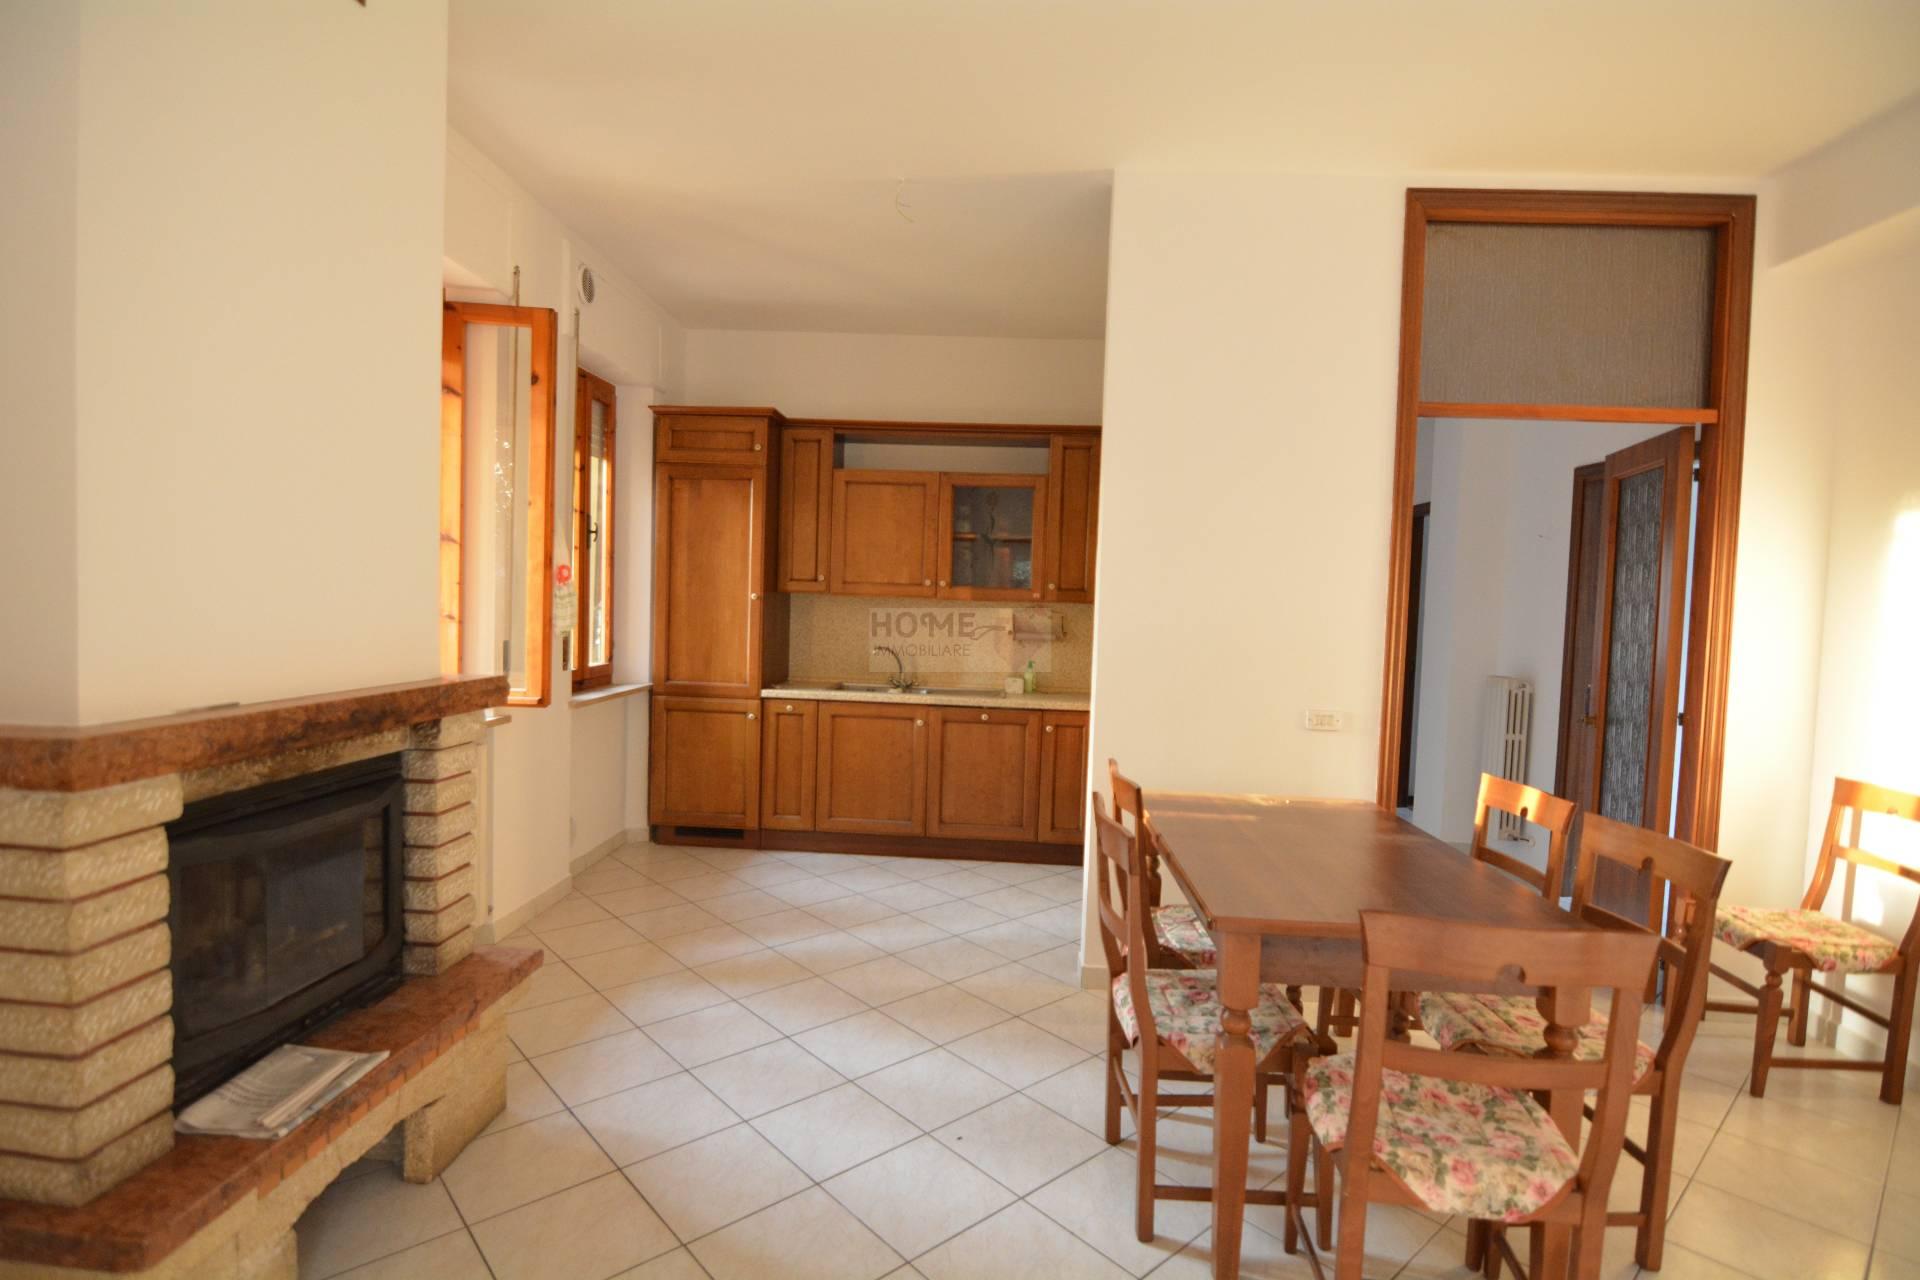 Appartamento in vendita a Corridonia, 7 locali, zona Località: zonasemi-centrale, prezzo € 160.000 | Cambio Casa.it